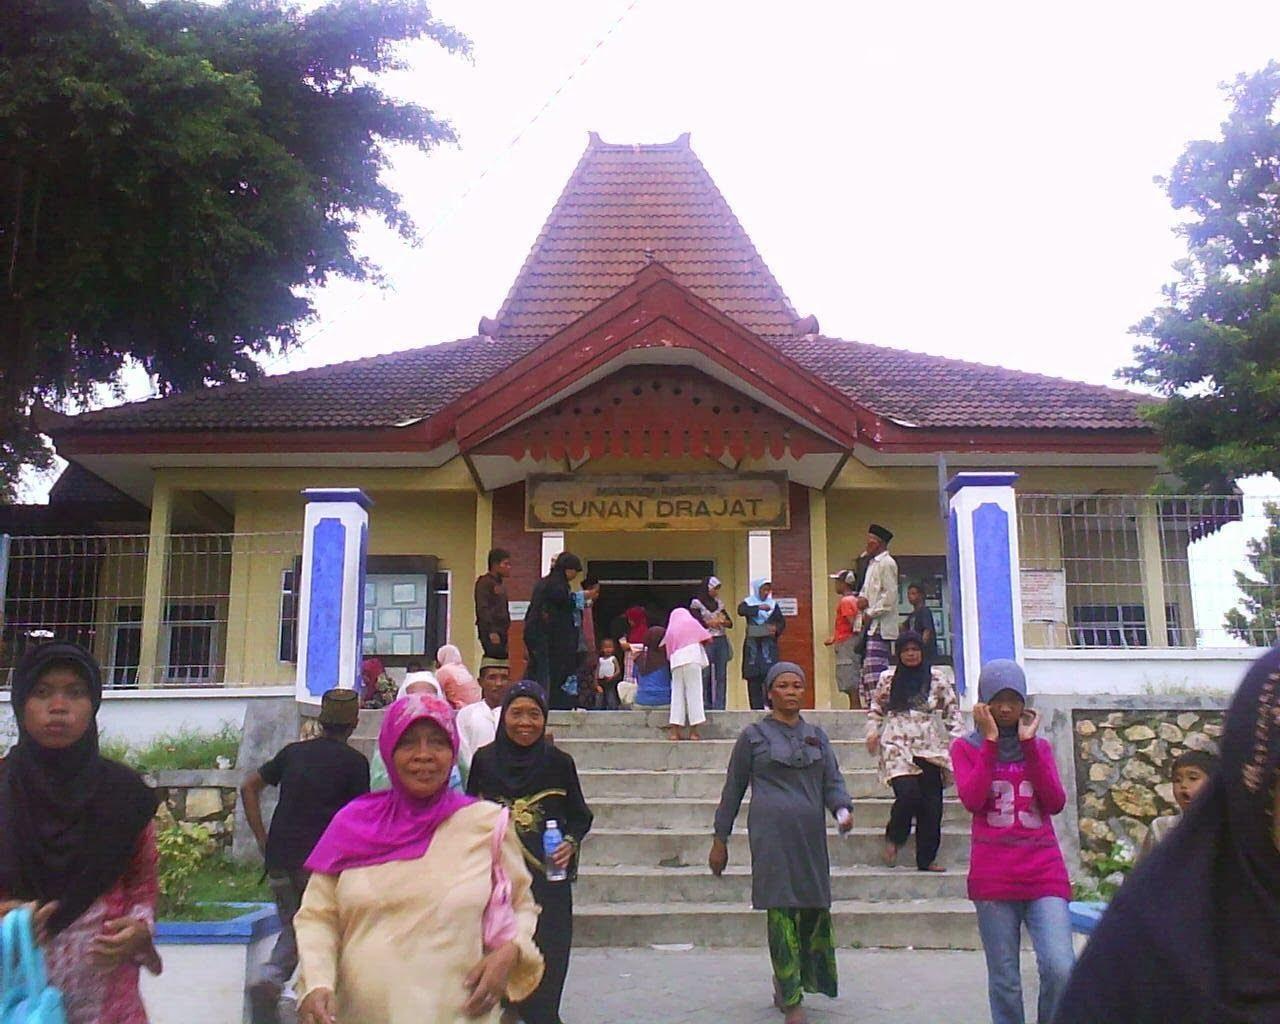 Museum Sunan Drajat Paciran Lamongan Wisata Religi Mas Laros Kab